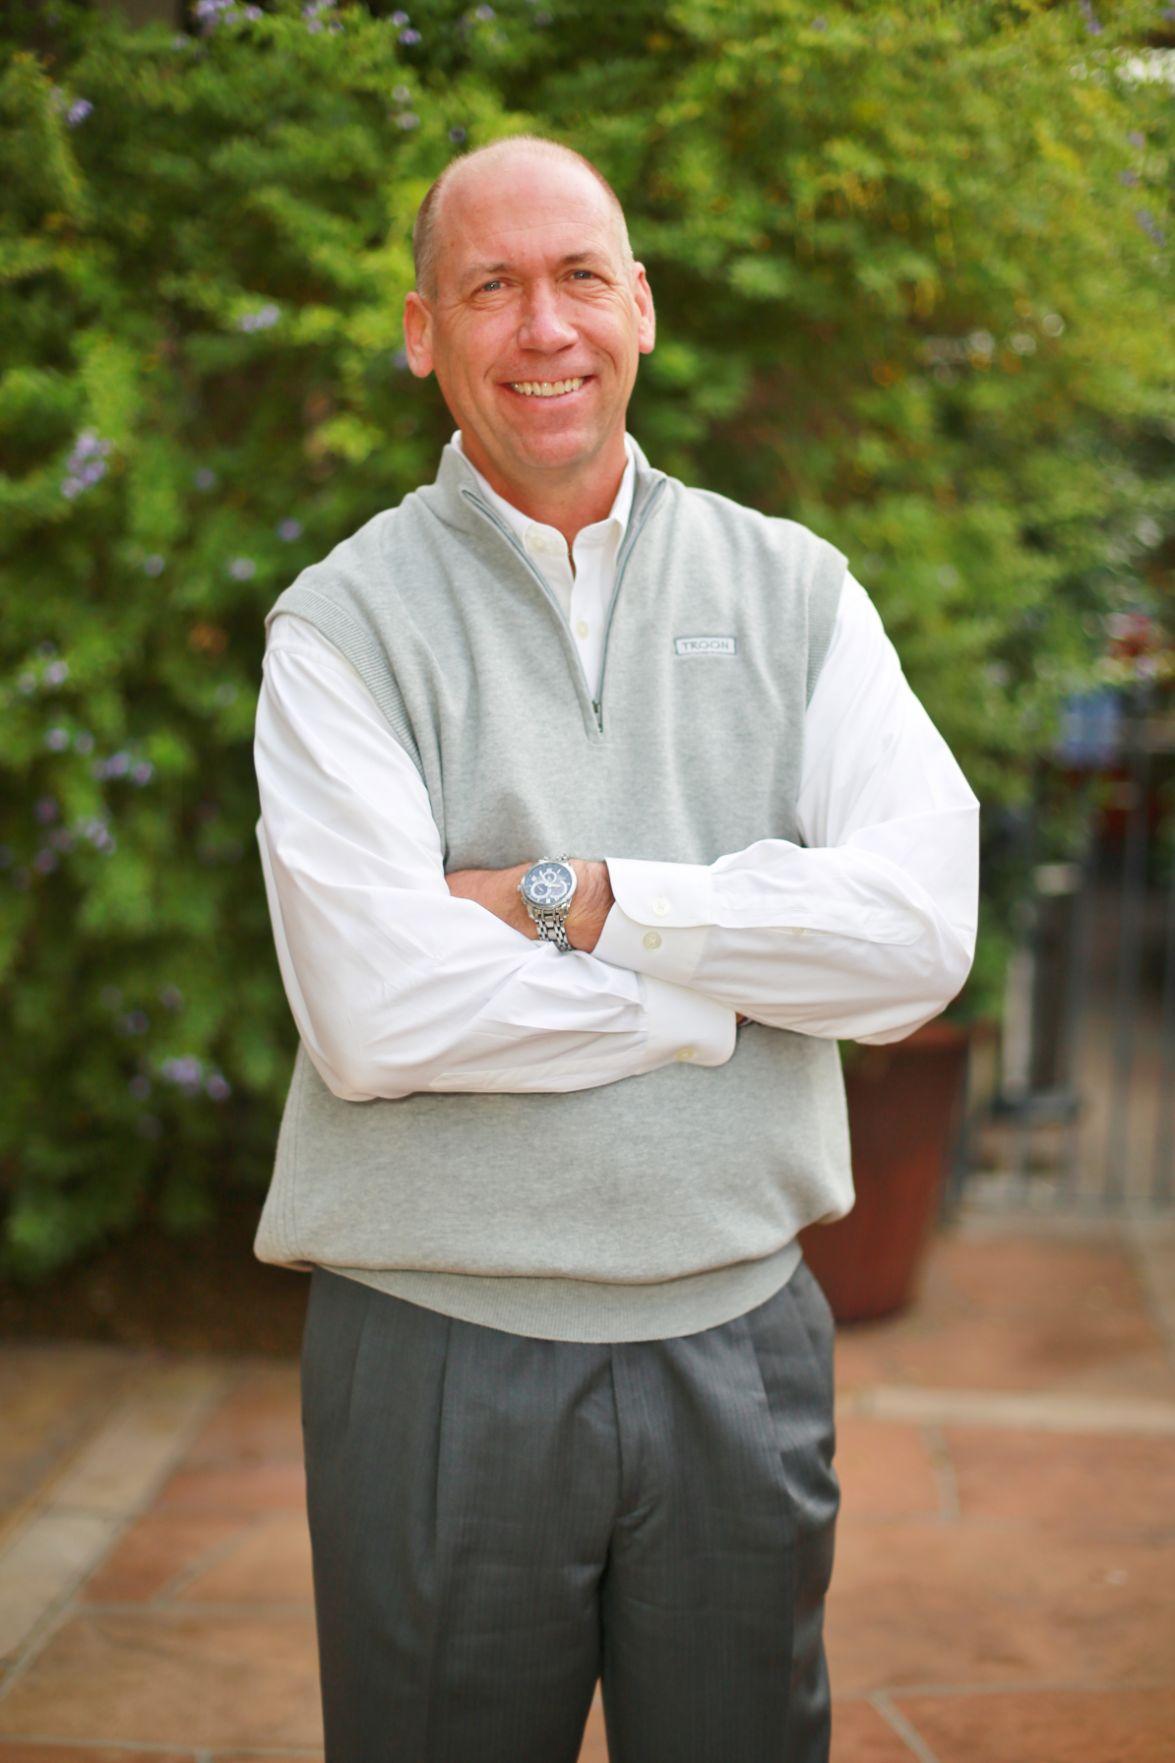 Scott Heideman